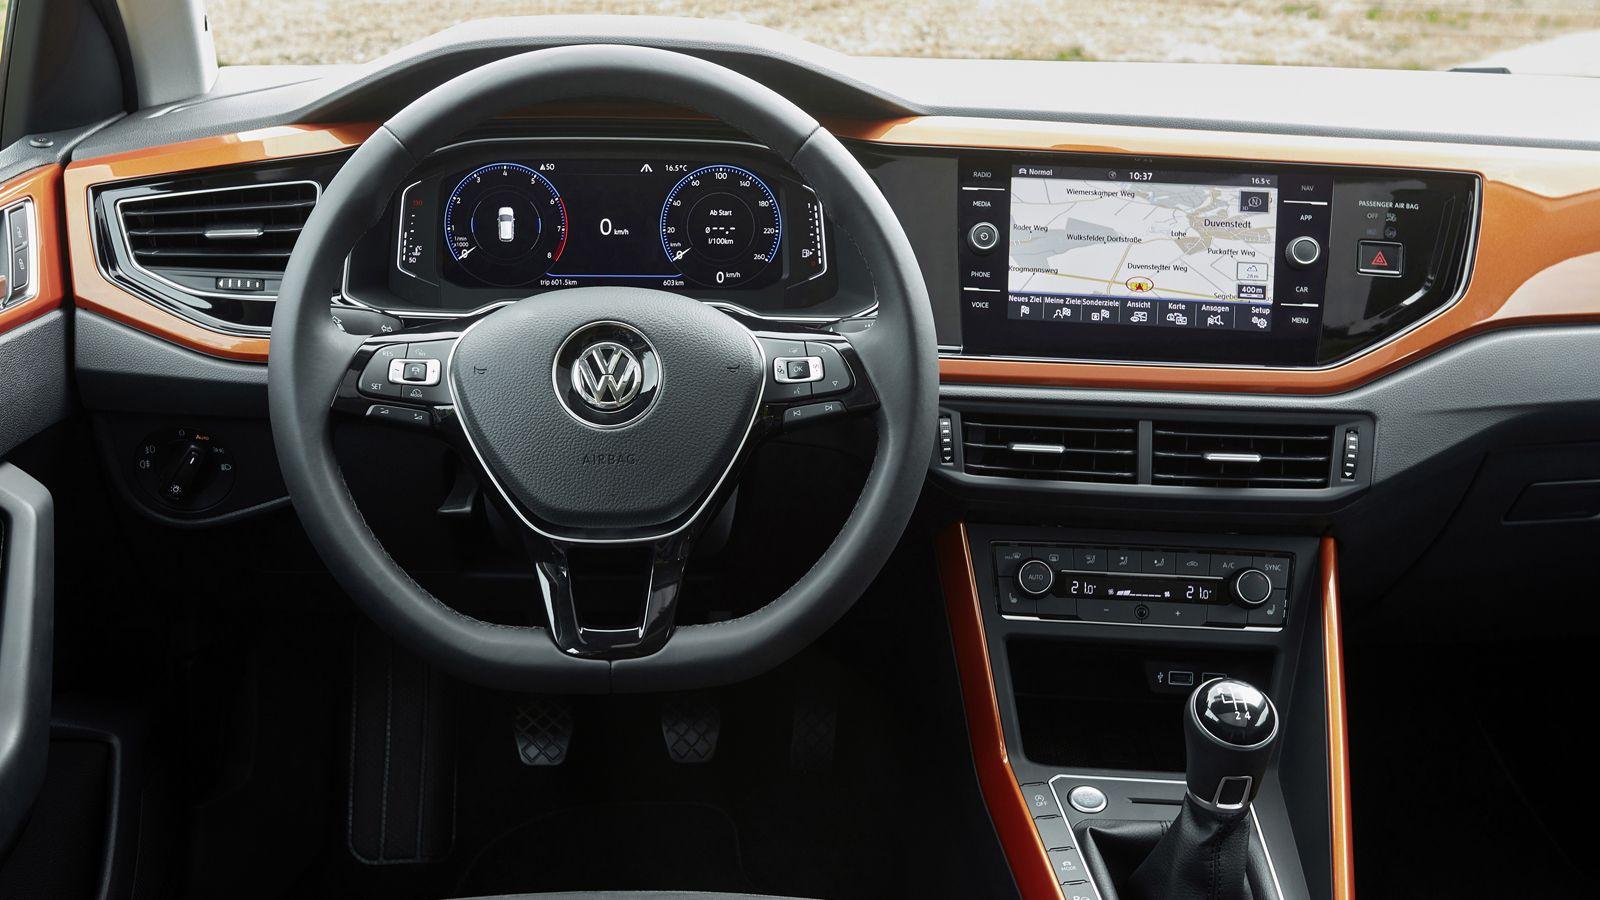 db174988e2ca Το νέο Polo θα διατεθεί στην αγορά με τέσσερις κινητήρες και τέσσερα  εξοπλιστικά πακέτα. Τα υλικά στο ταμπλό είναι κορυφαία σε ποιότητα